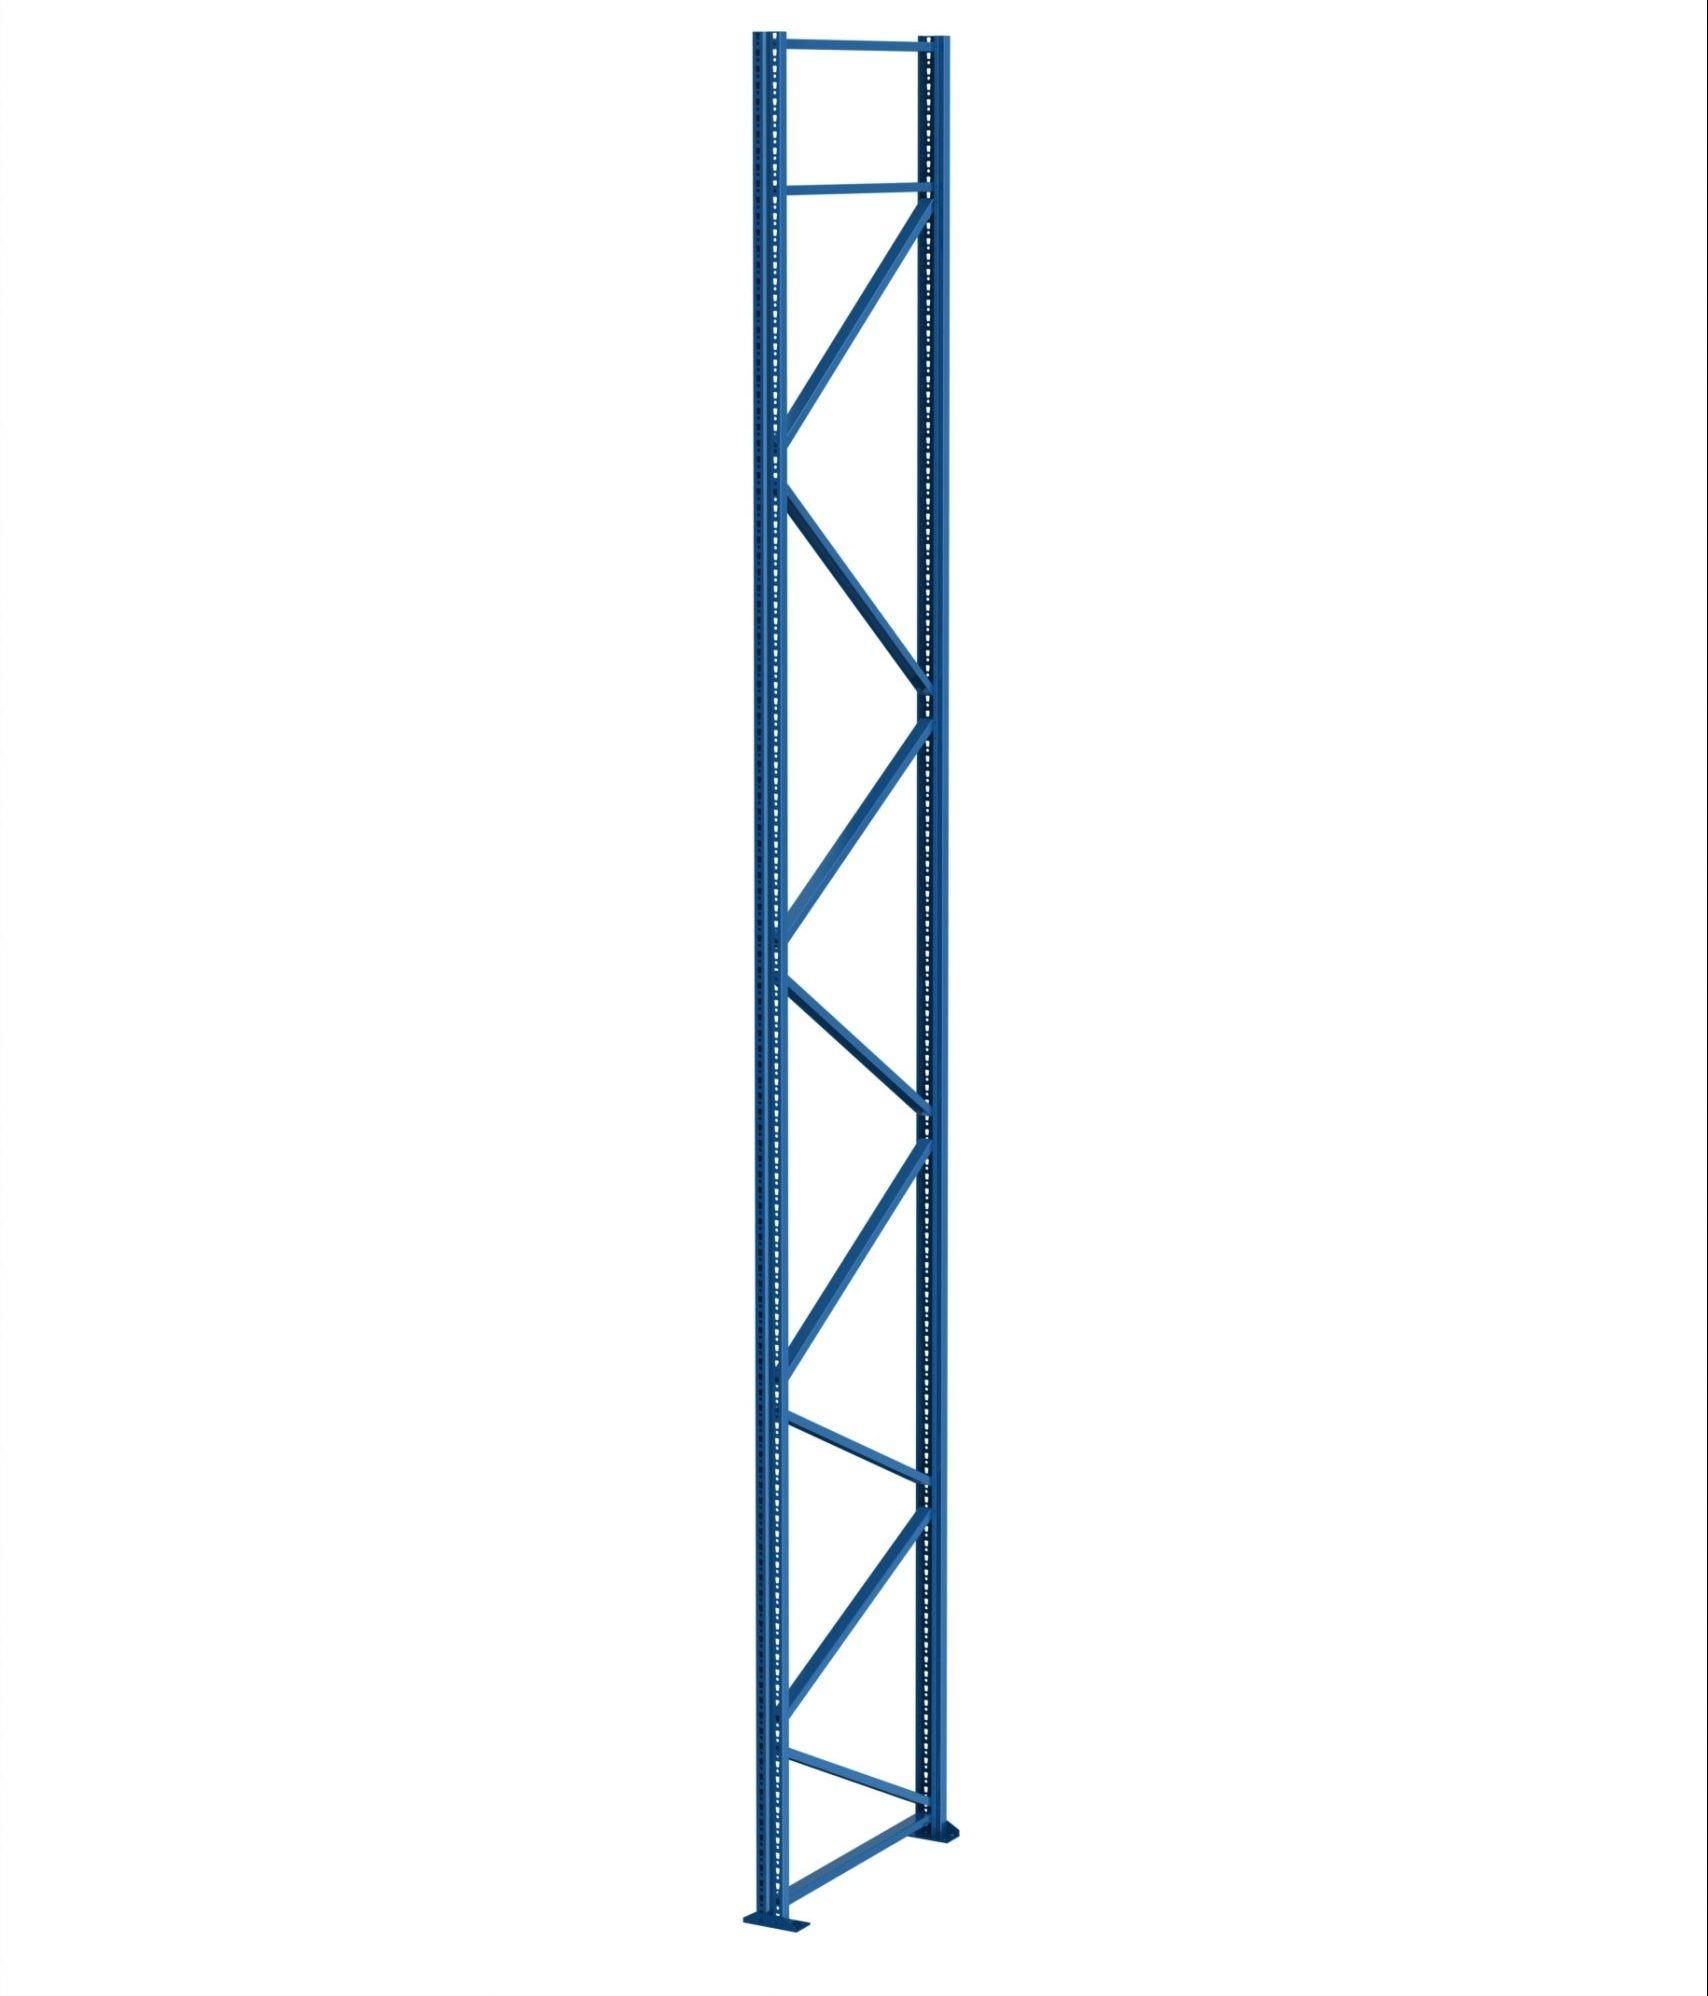 NEDCON Set Ständerrahmen Modell 10068204050 Höhe 6000 mm, Tiefe 1100 mm